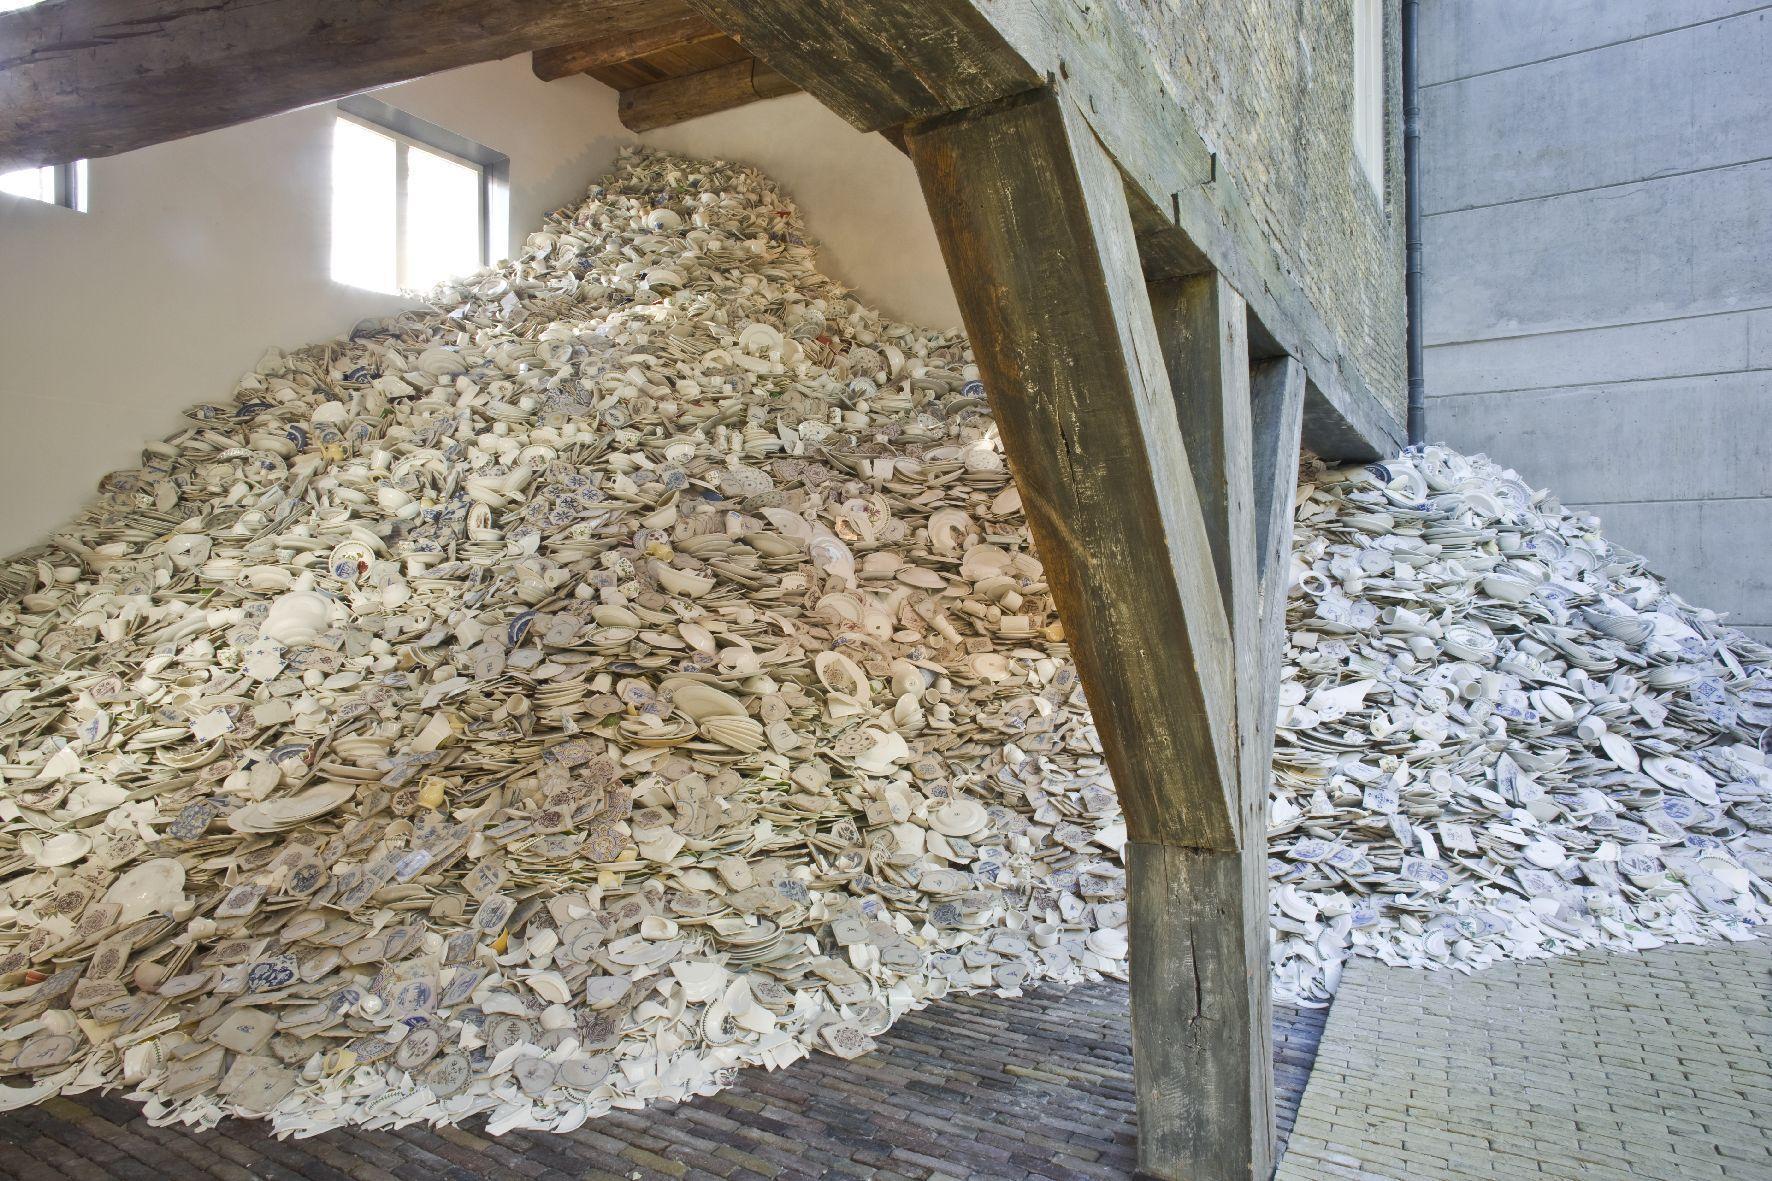 Zuiderzeemuseum geeft scherven kunstwerk 'Monument' weg